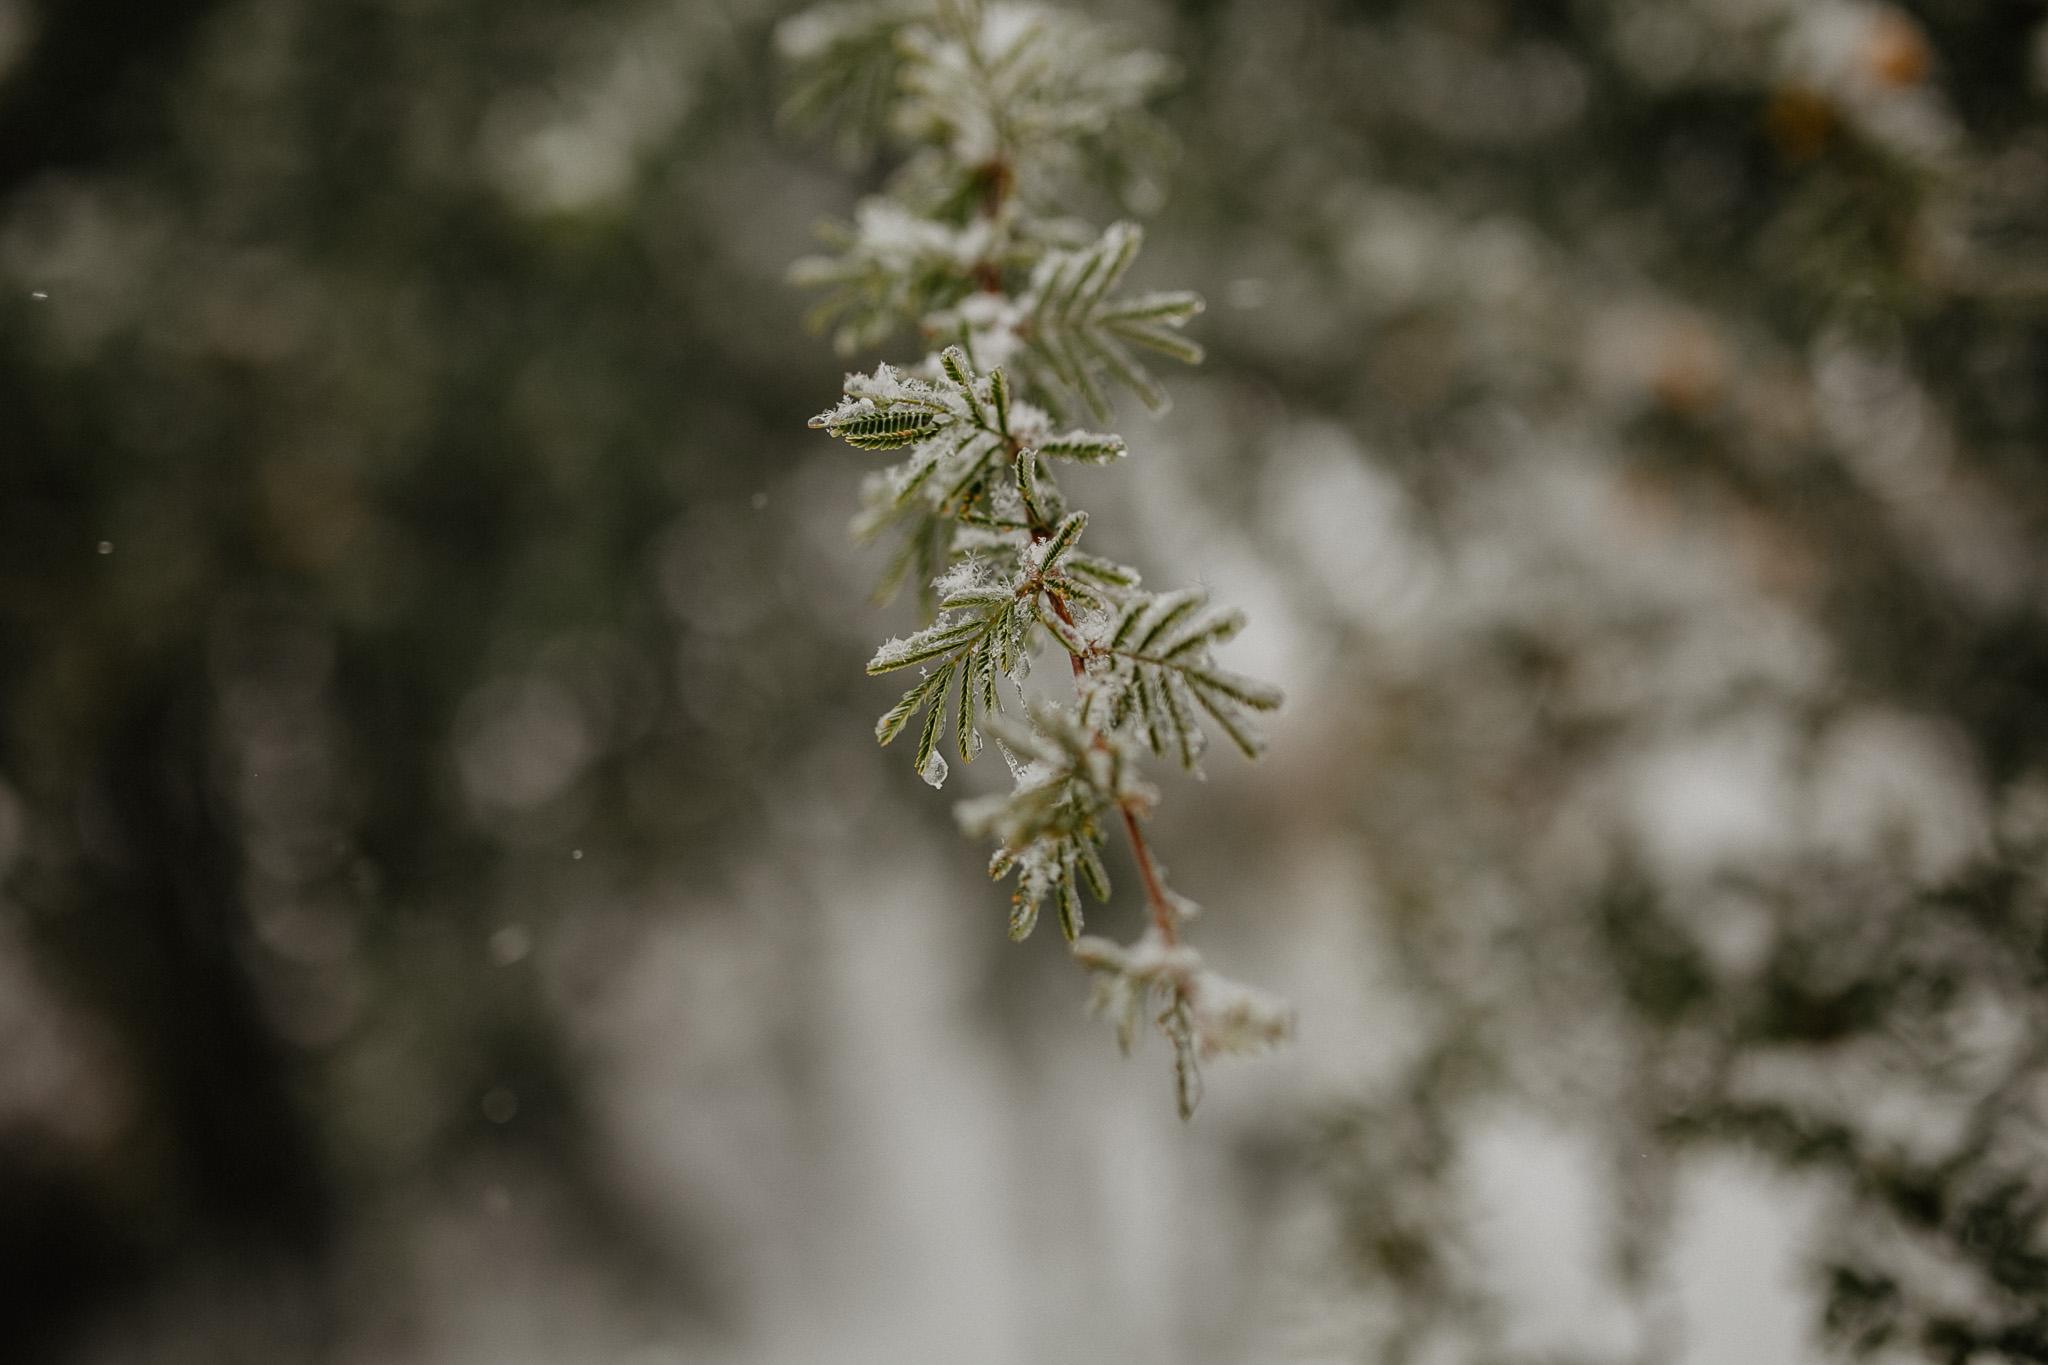 sesion-en-la-nieve-IMG_3377.jpg